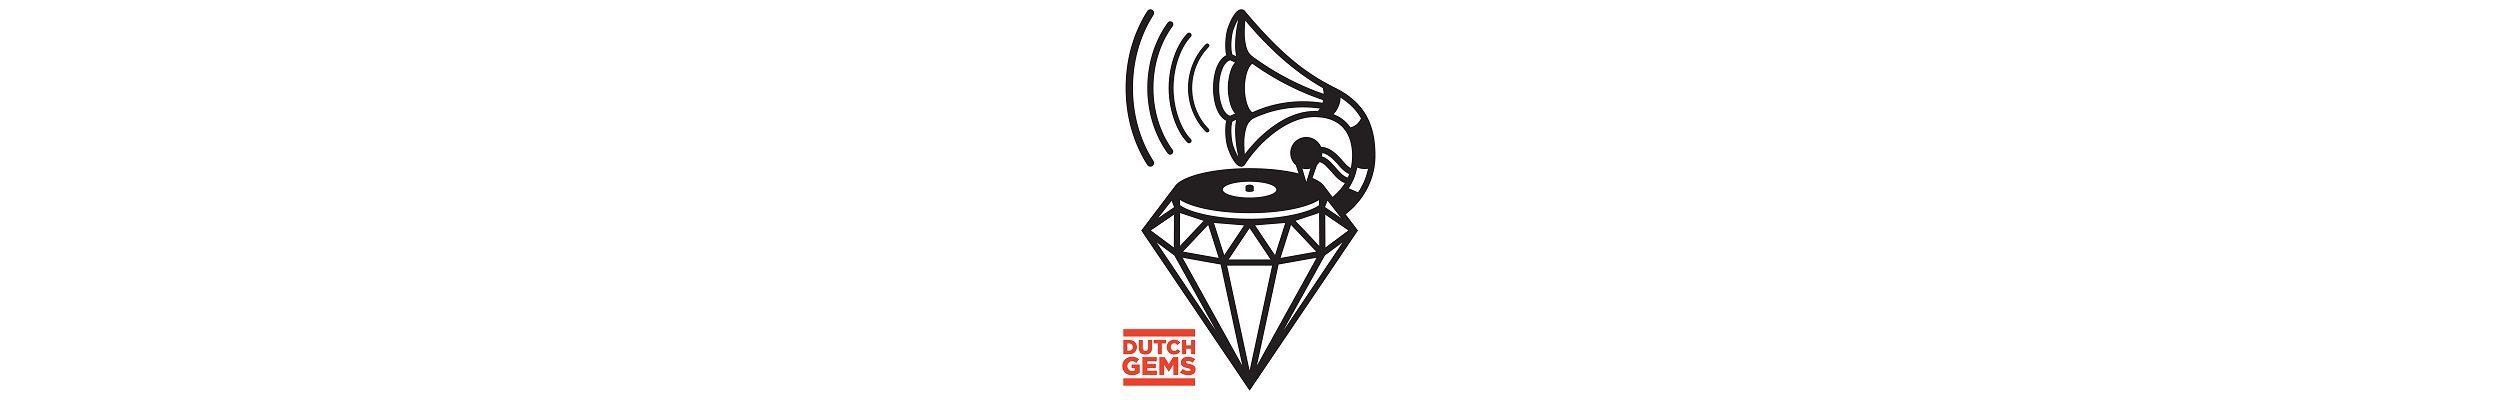 Dutch Gems